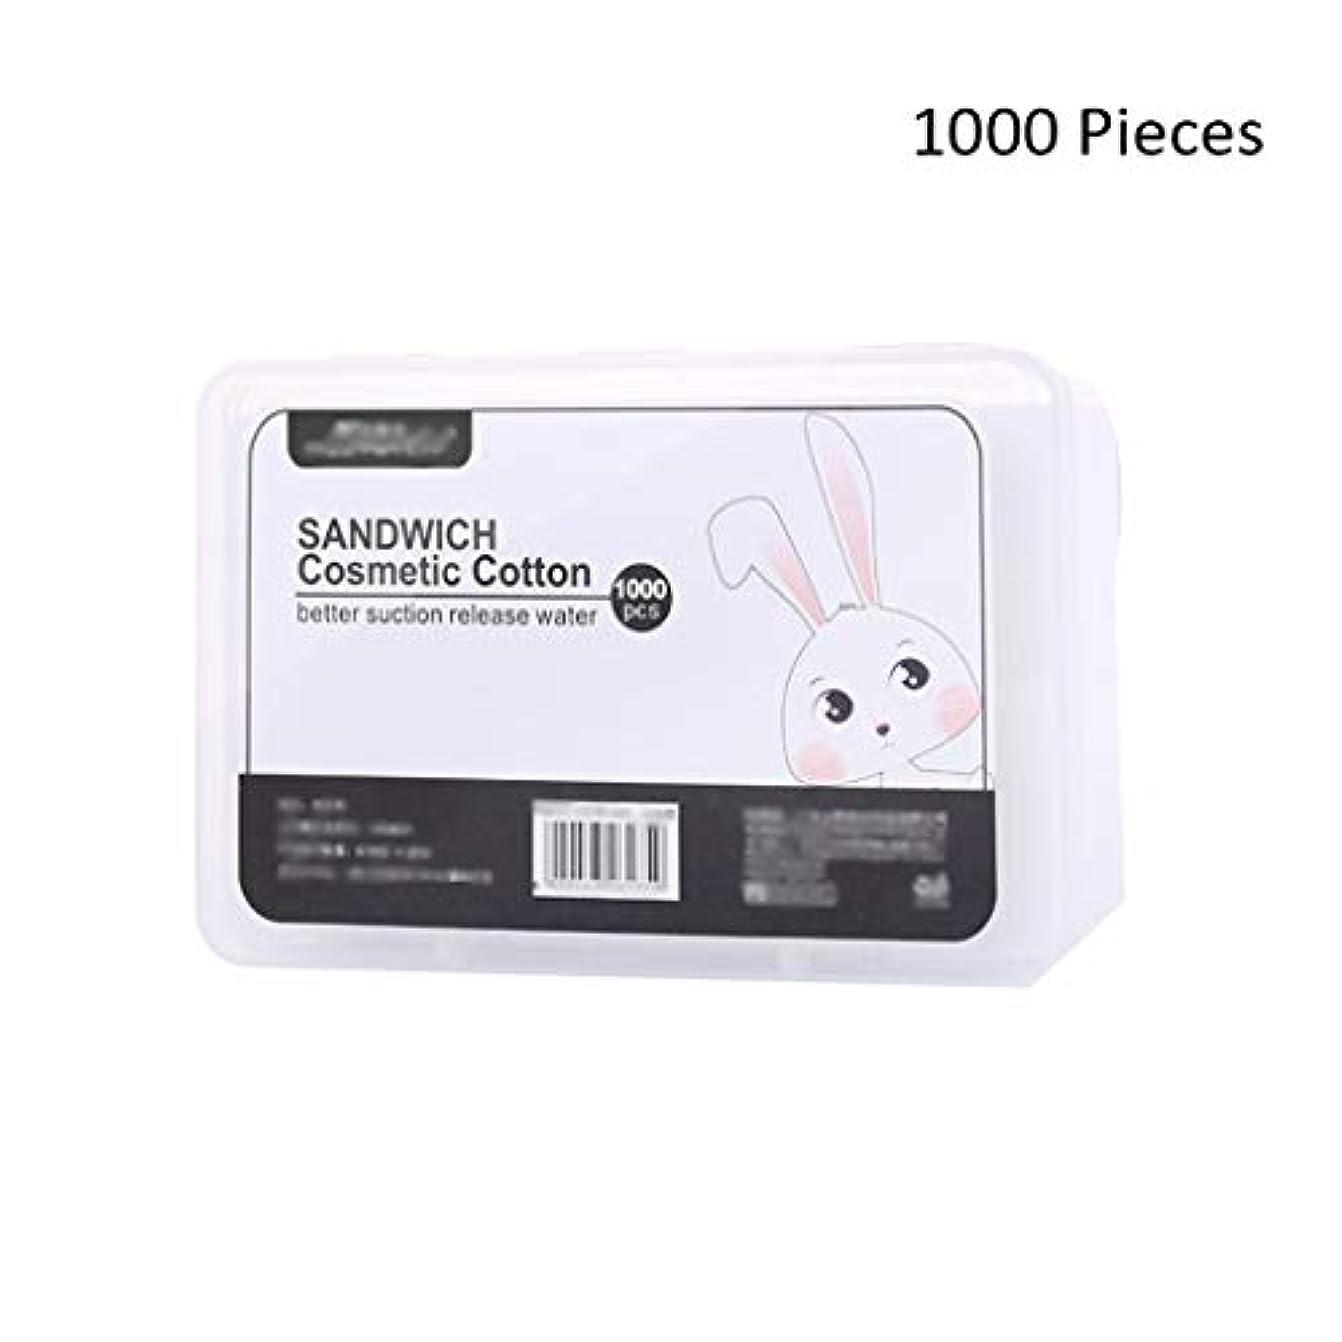 1000ピースフェイスメイクアップリムーバーフェイスソフト女性クレンジングリムーバーコットンフェイシャルスキンケア化粧品洗濯フェイシャルツール (Color : White, サイズ : 5.5*5cm)